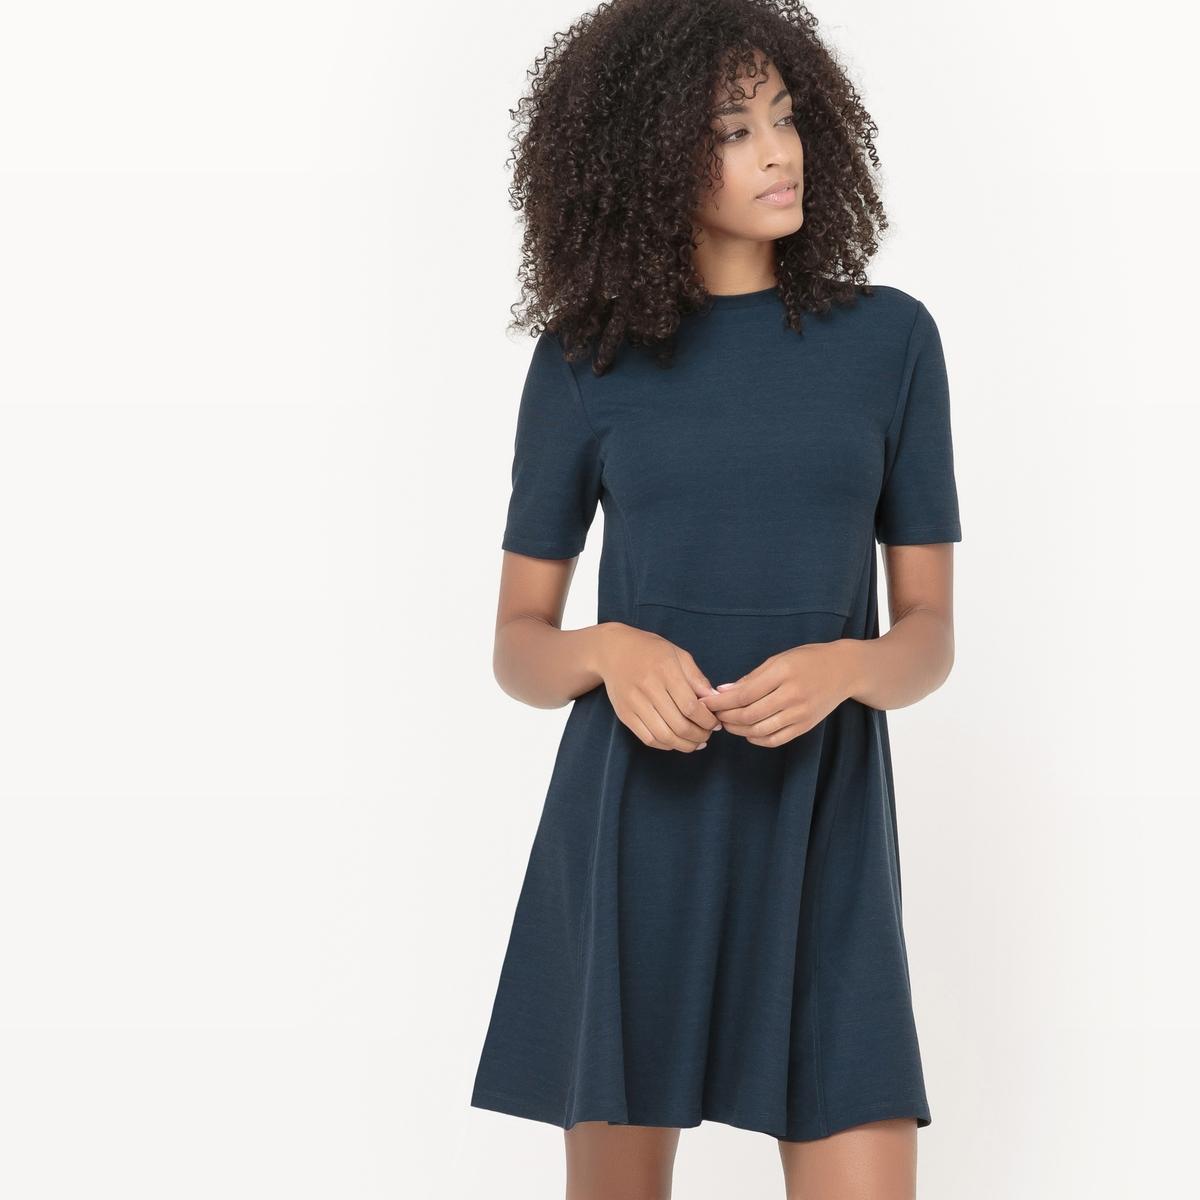 Платье расклешенное Vibel S/S DressСостав и описание : Материал       65% полиэстера, 35% хлопка  Марка       VILA  Уход :- Машинная стирка при 30°C с вещами схожих цветов.<br><br>Цвет: темно-синий<br>Размер: XS